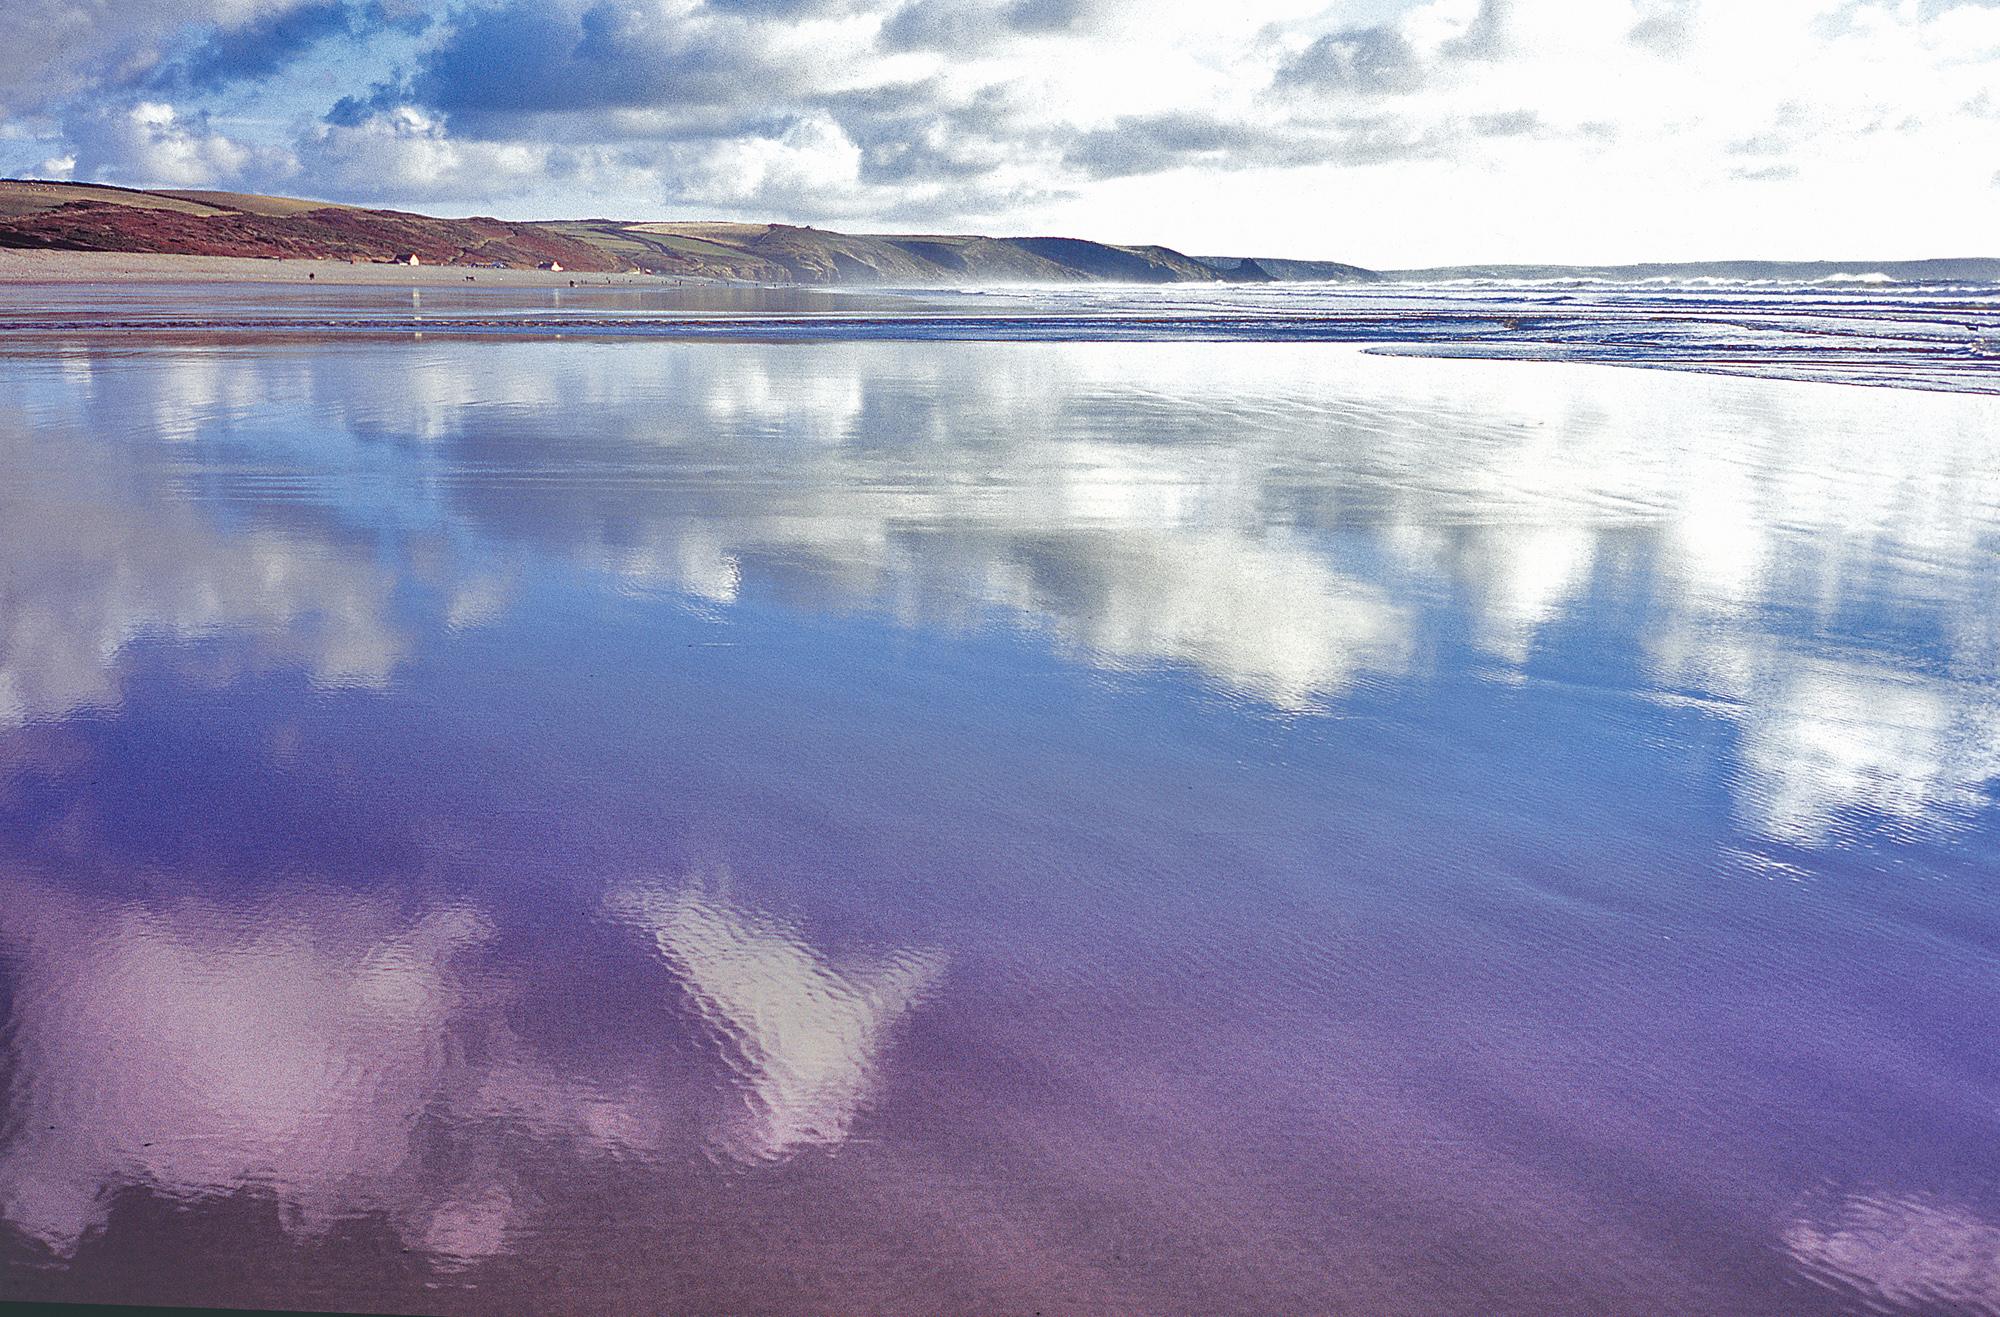 Winter Newgale beach